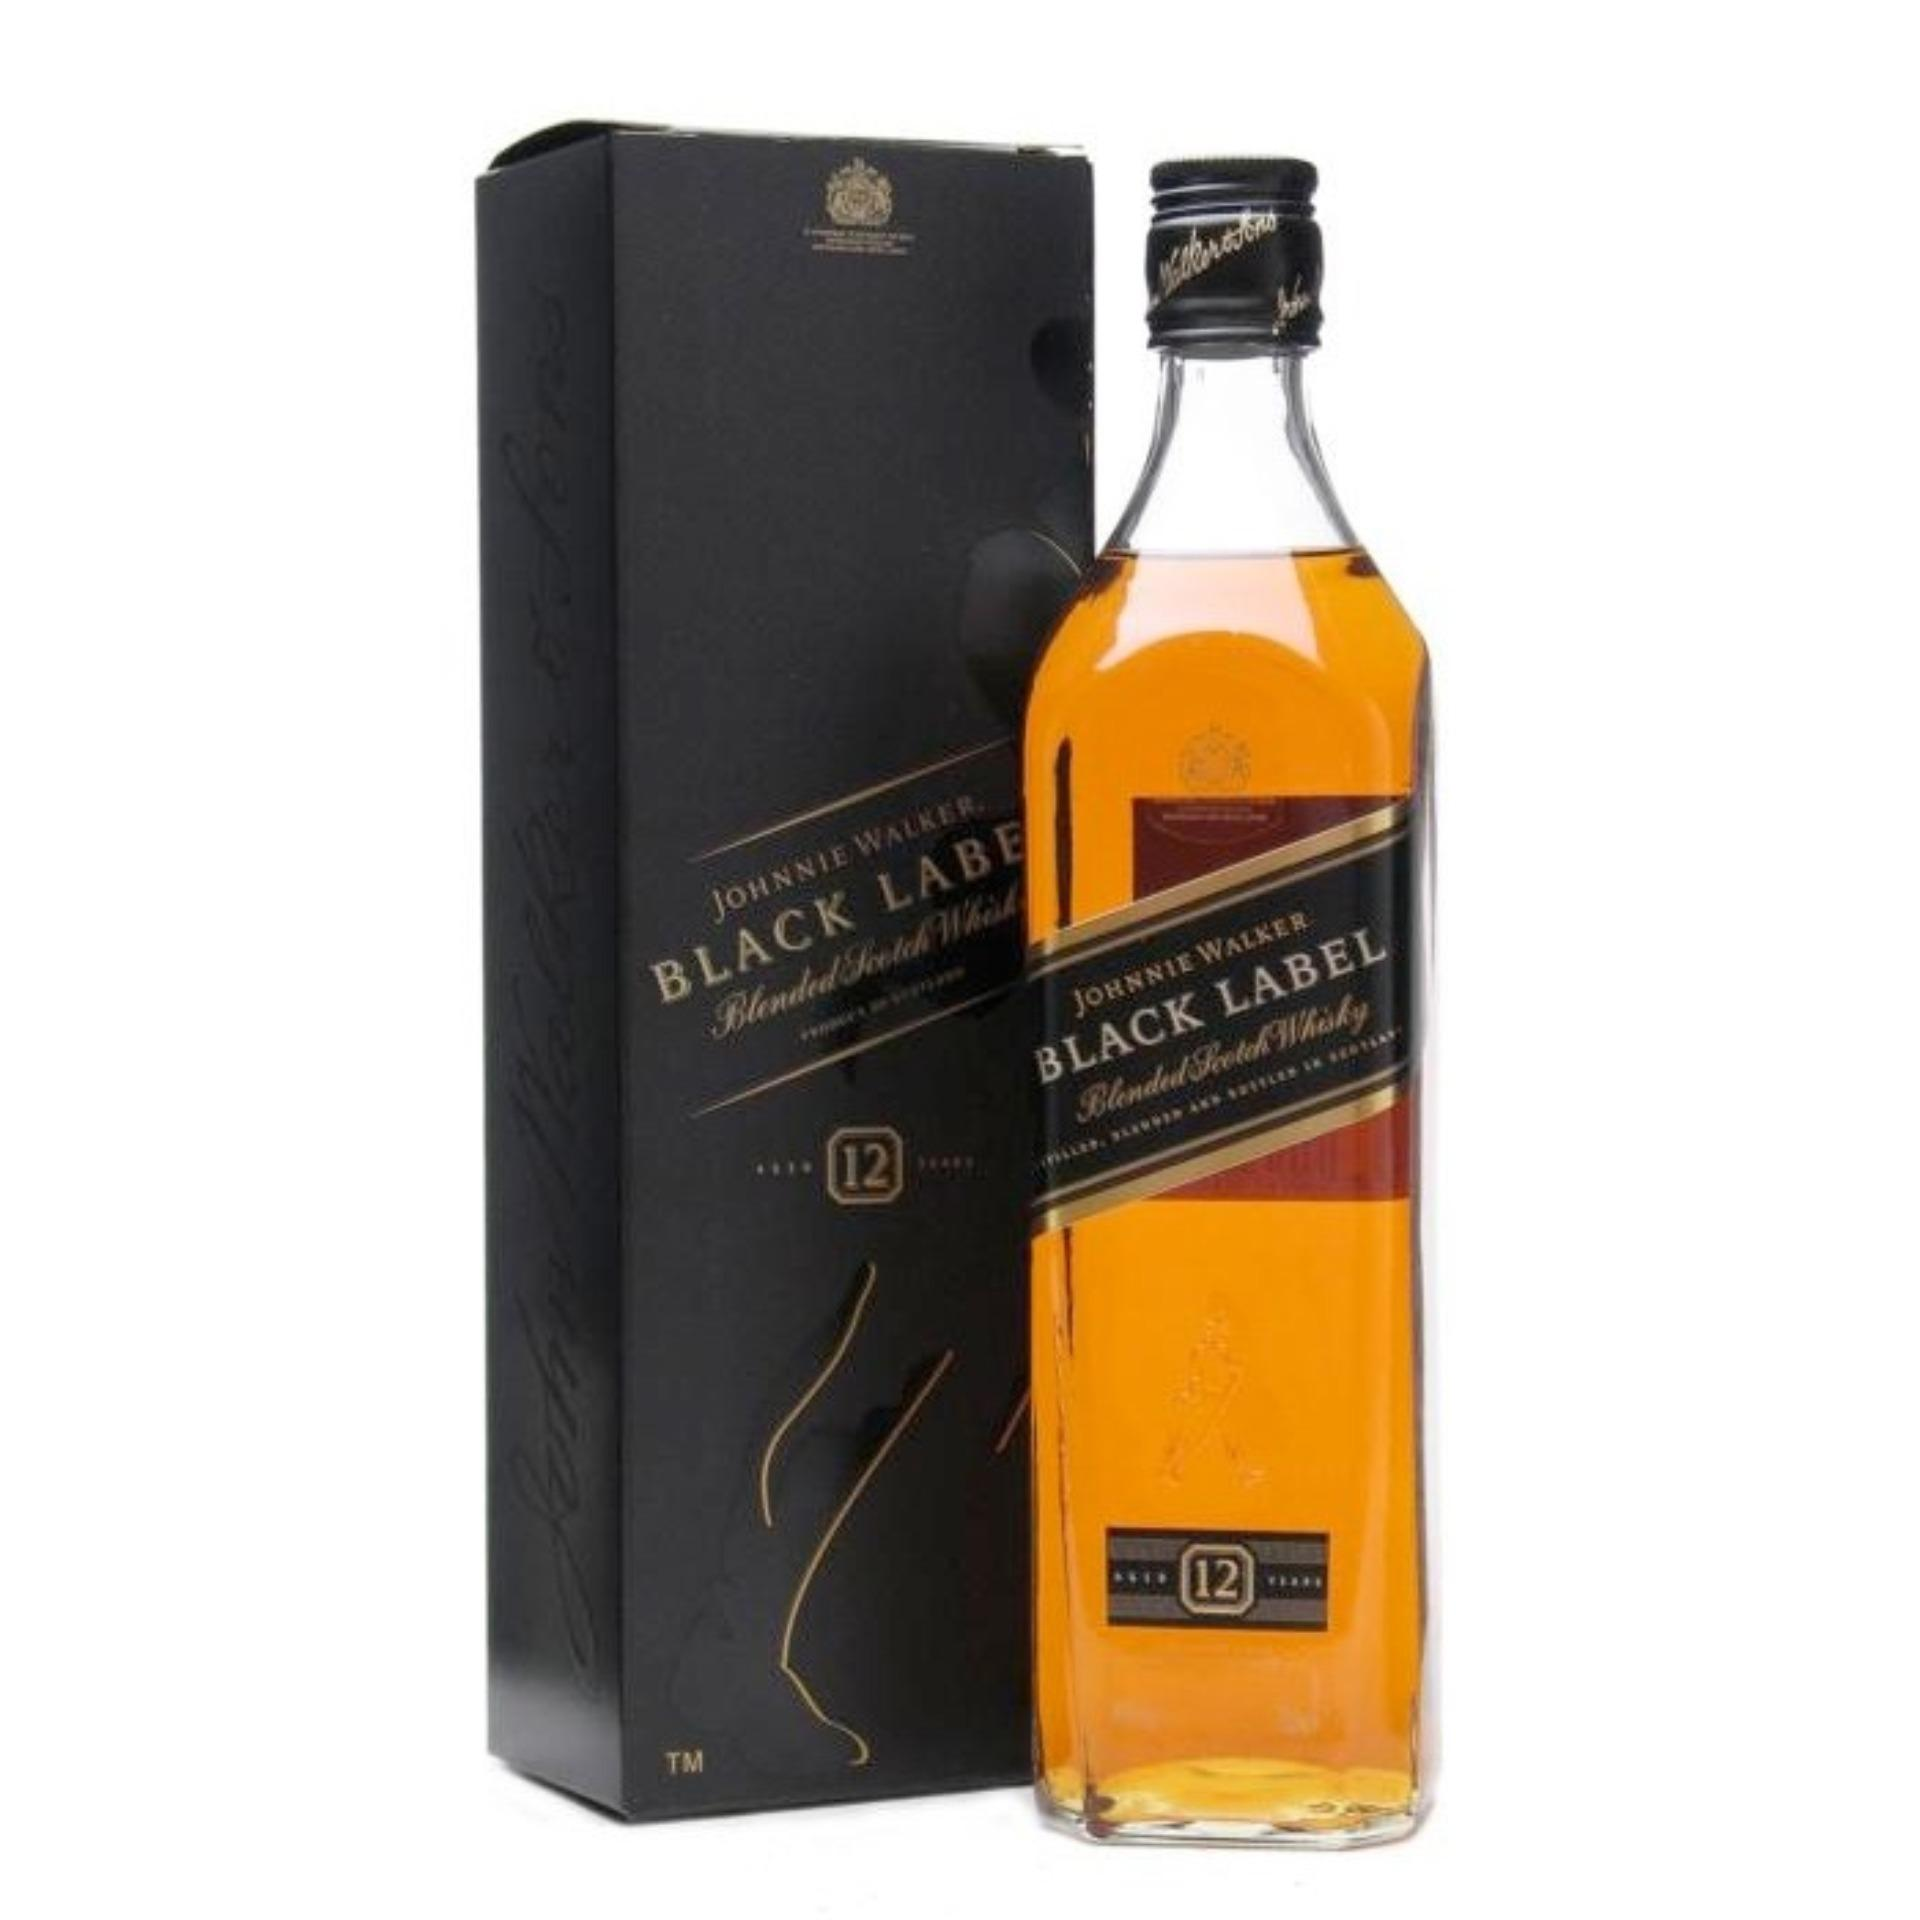 Black Label Price >> Johnnie Walker Black Label Scoth Whiskey 12 Year Old 700ml Scotland